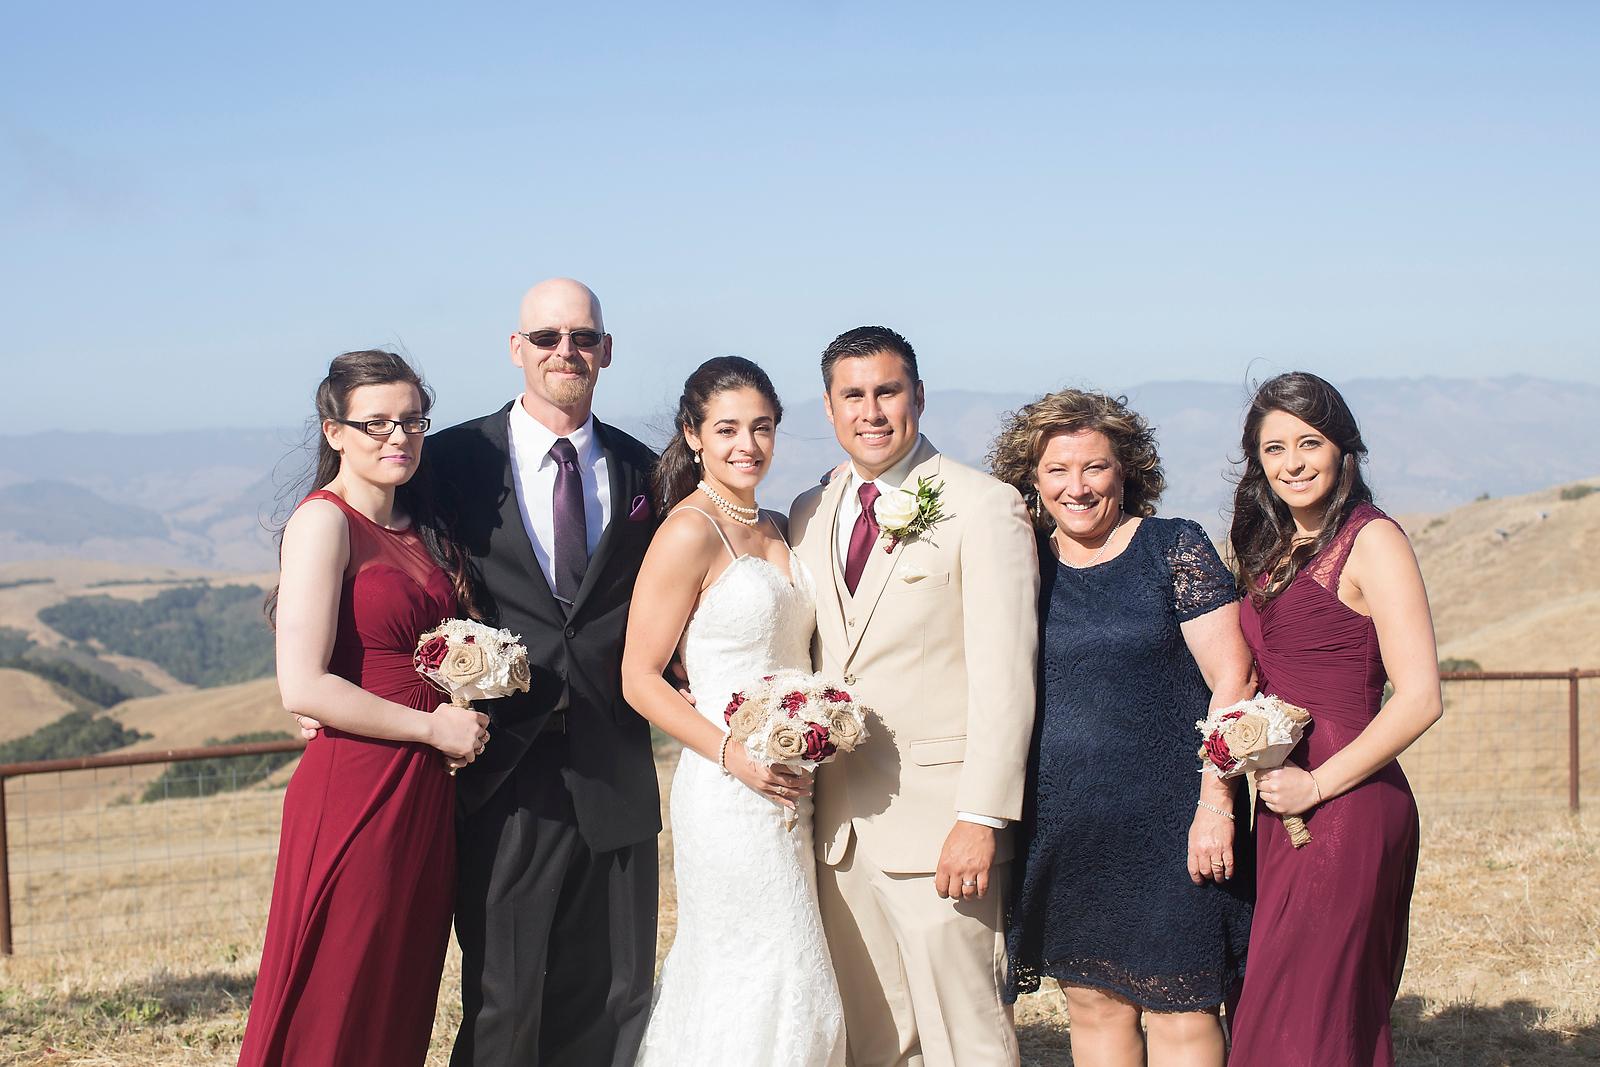 a_Ryan+Allyson_Renoda Campbell Photography_San Luis Obispo Wedding Photographer-9744